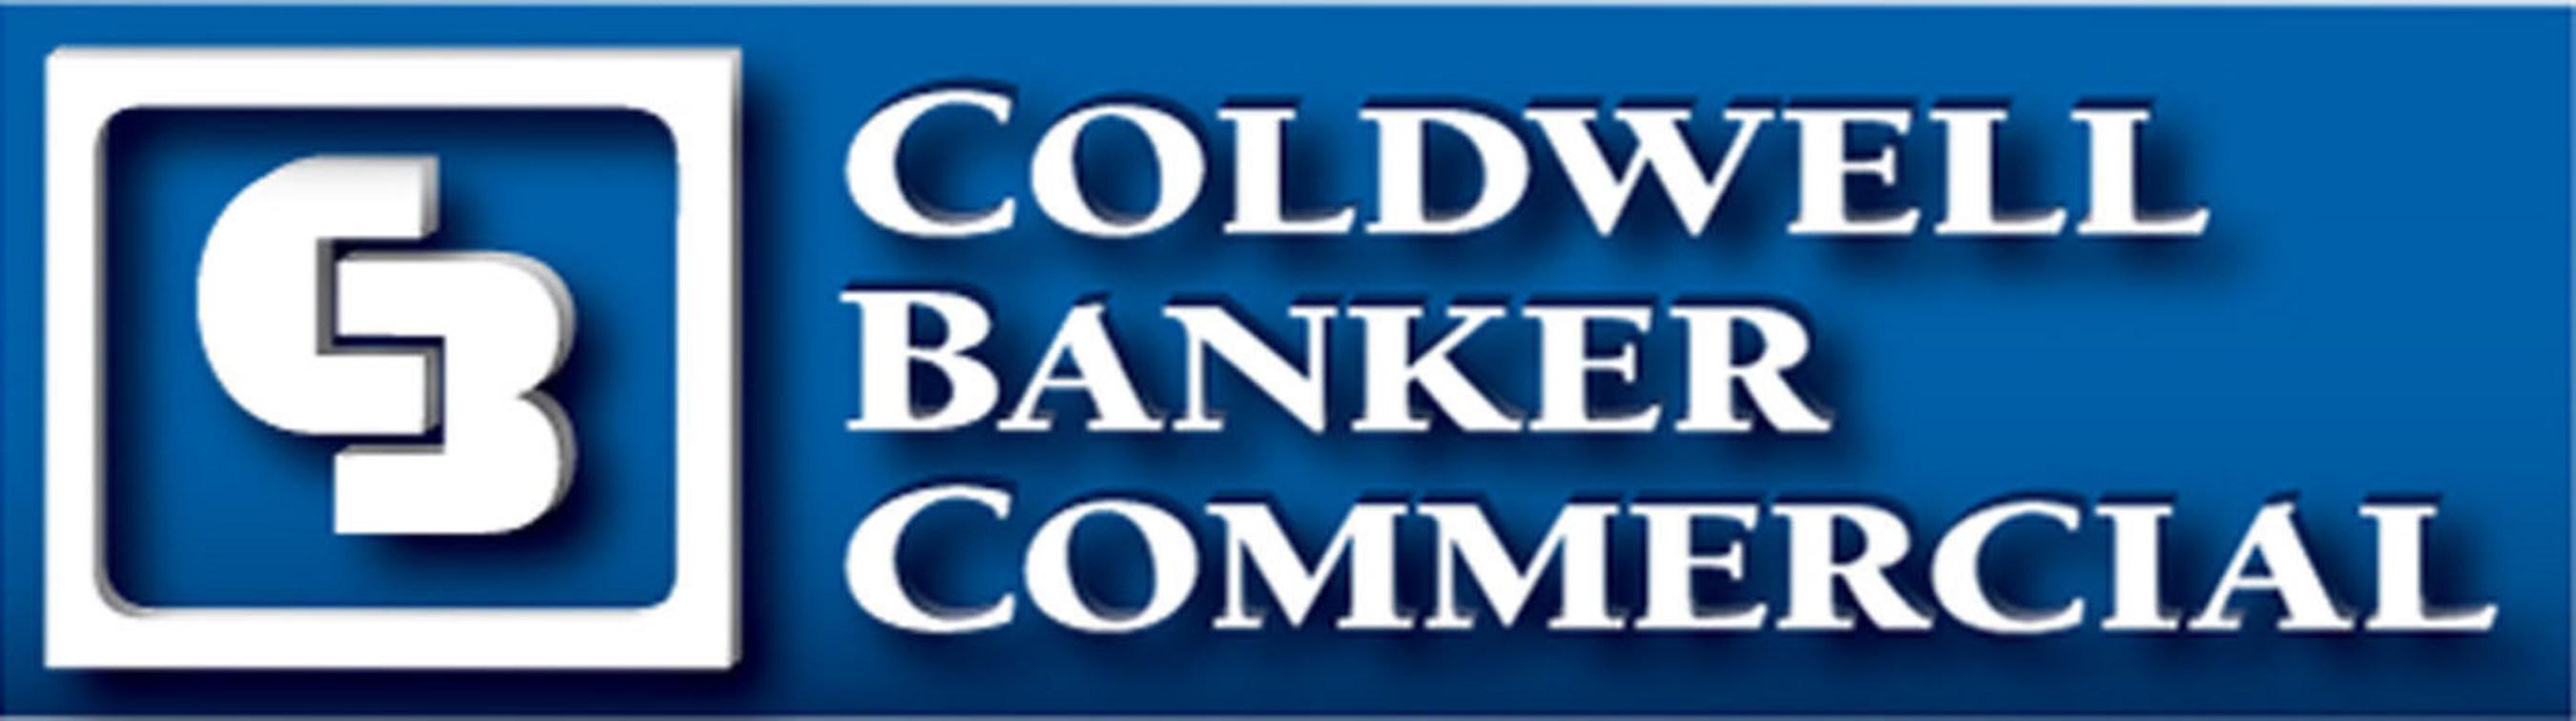 Coldwell Banker Commercial Affiliates Survey Reveals